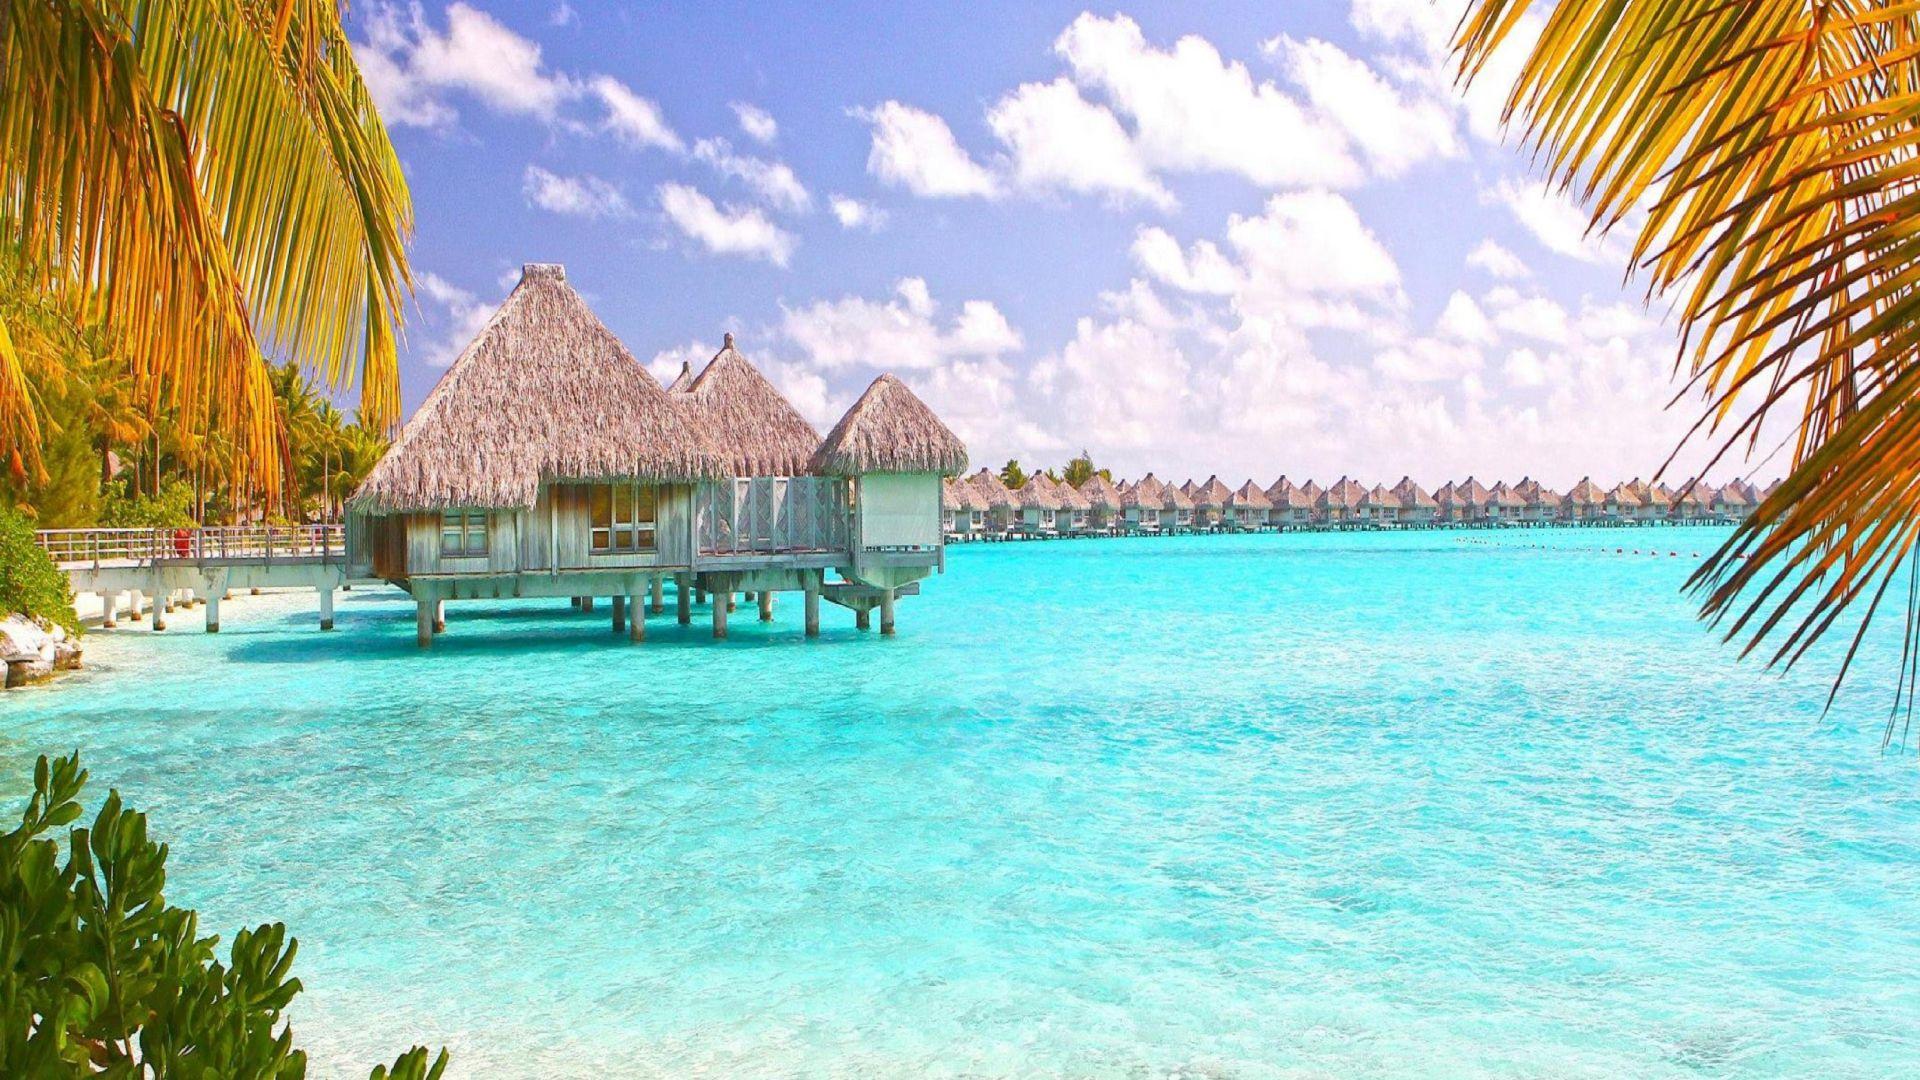 Bahamas 1080p background